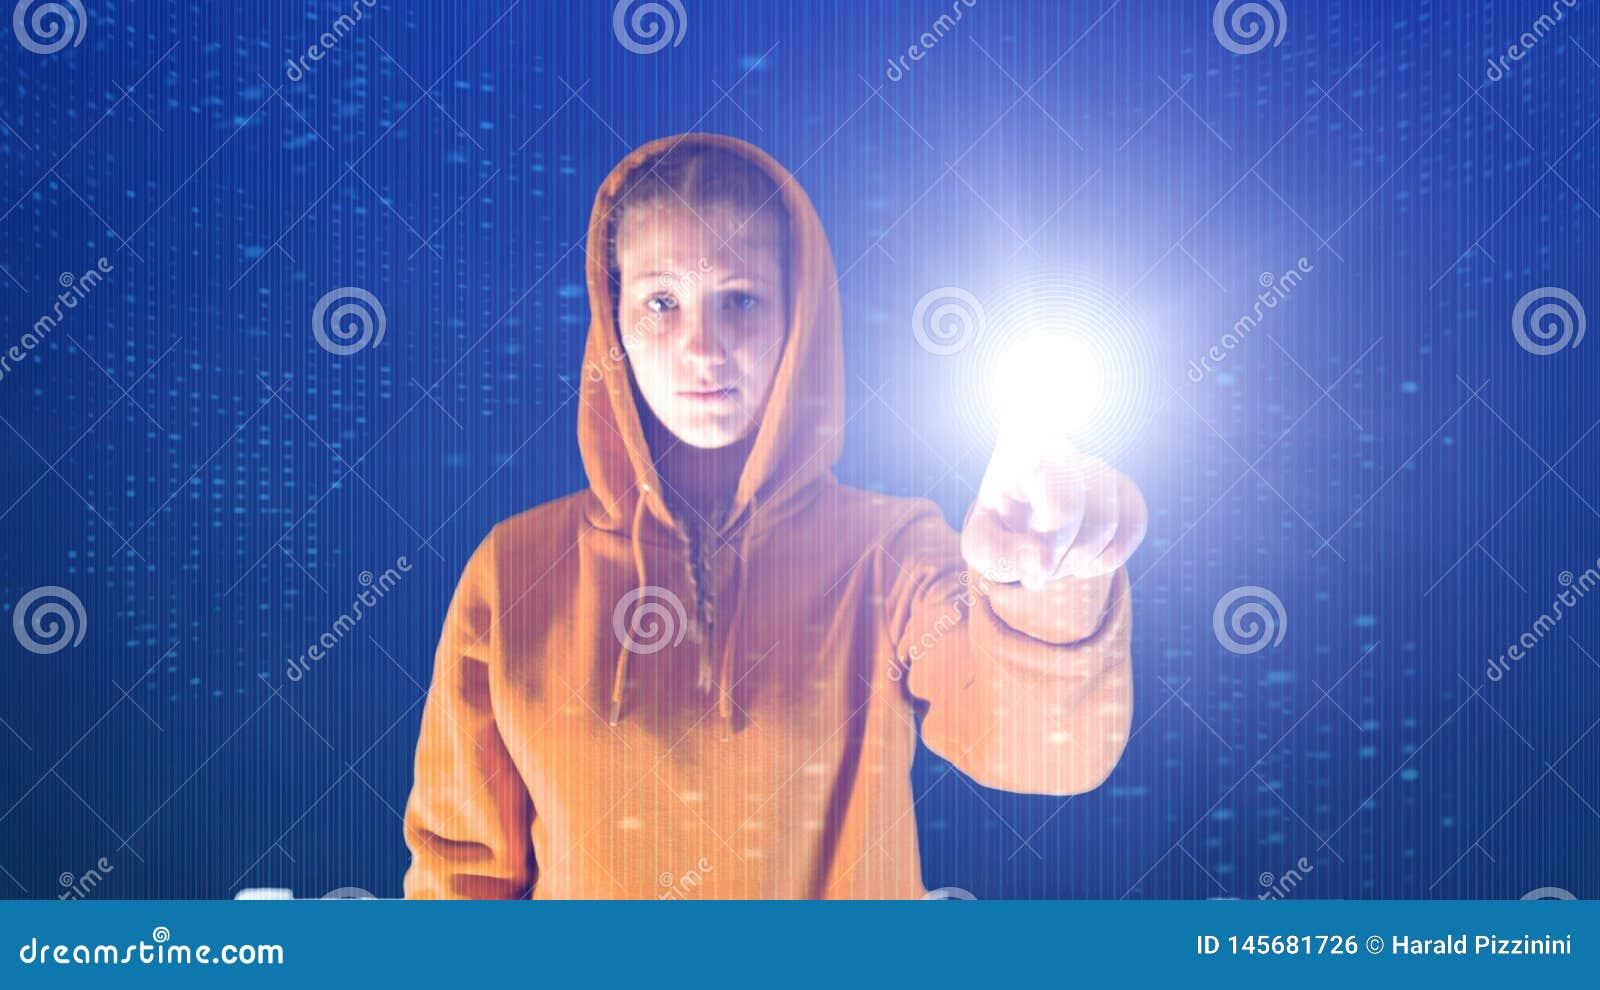 Kapturza?ci dziewczyna punkty z jej r?k? w cyberprzestrzeni cyfrowym ?rodowisku, idea?em dla temat?w tak jak ekologia i onlinym b